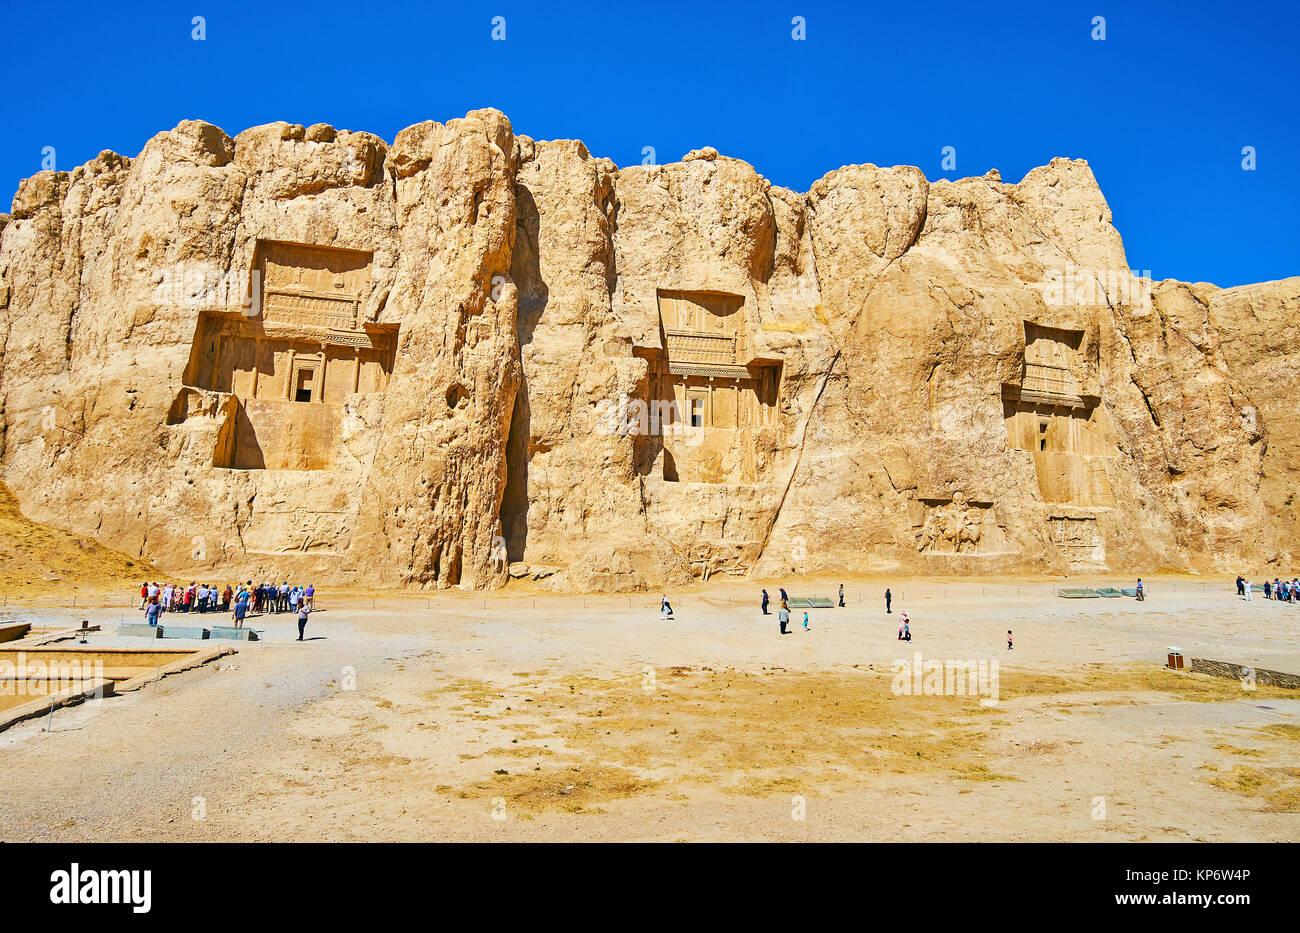 NAQSH-E RUSTAM, Irán - Octubre 13, 2017: Panorama del acantilado con tumbas talladas de antiguo persa gobernantes, Foto de stock